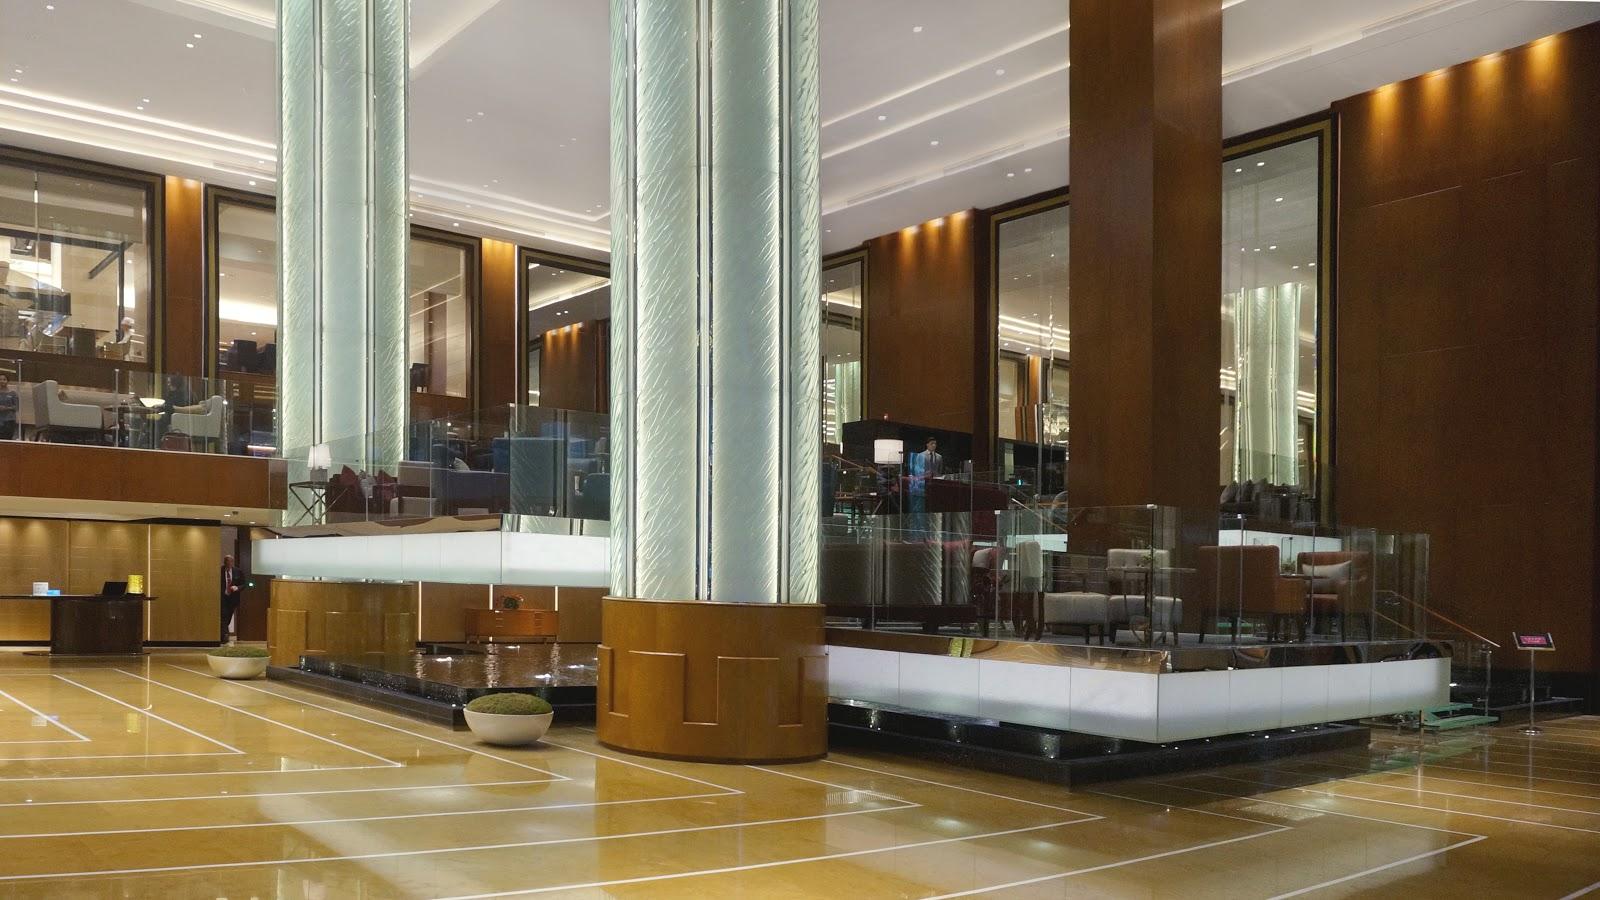 Grand Hyatt Foyer : Grand hyatt manila now open eater philippines